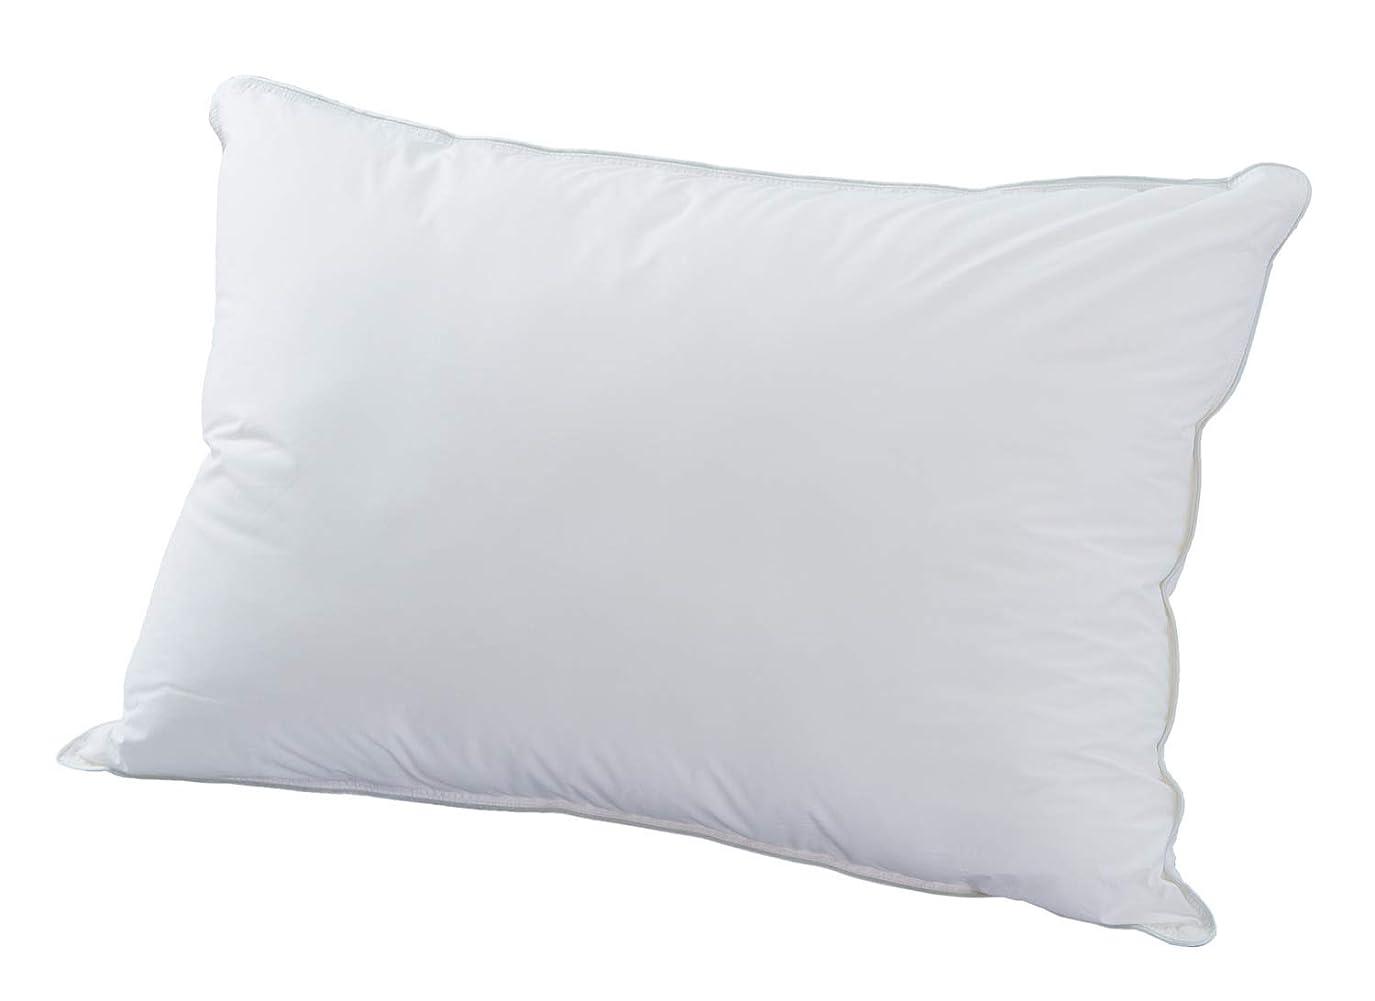 やけどじゃない寄稿者Danfill 枕 ホワイト 45x65cm フィベールピロー プレゼント光触媒抗菌防臭カバー付き JPA021/AKS12